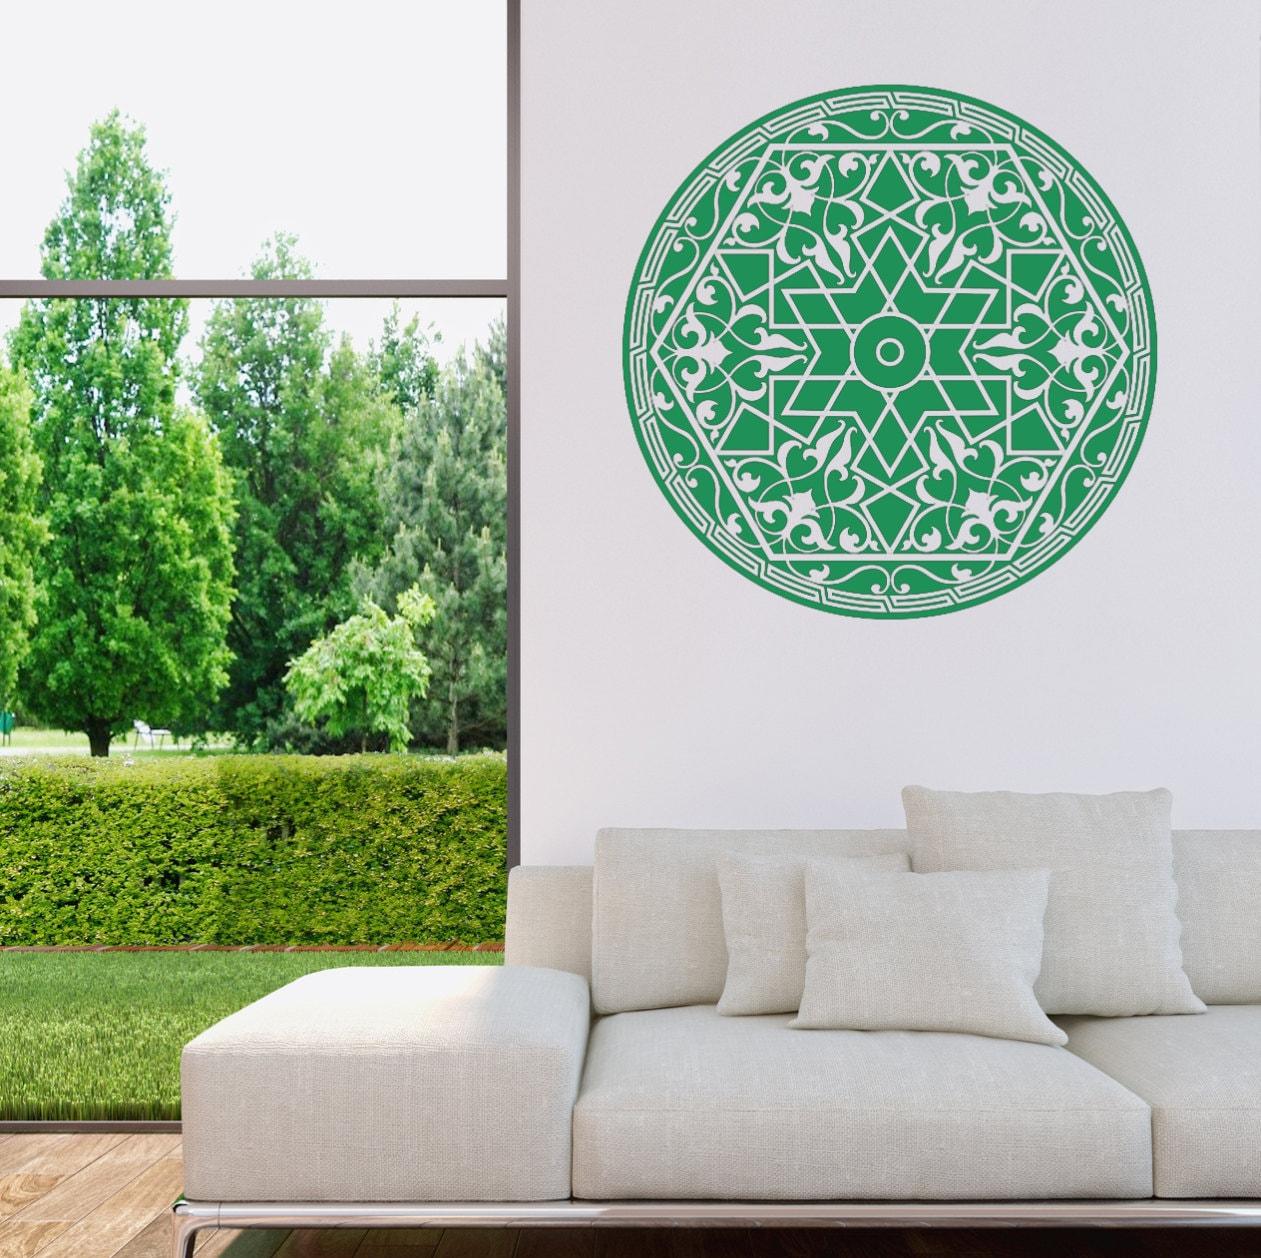 islamisches ornament wandtattoo von lebensfreudeladen auf etsy. Black Bedroom Furniture Sets. Home Design Ideas